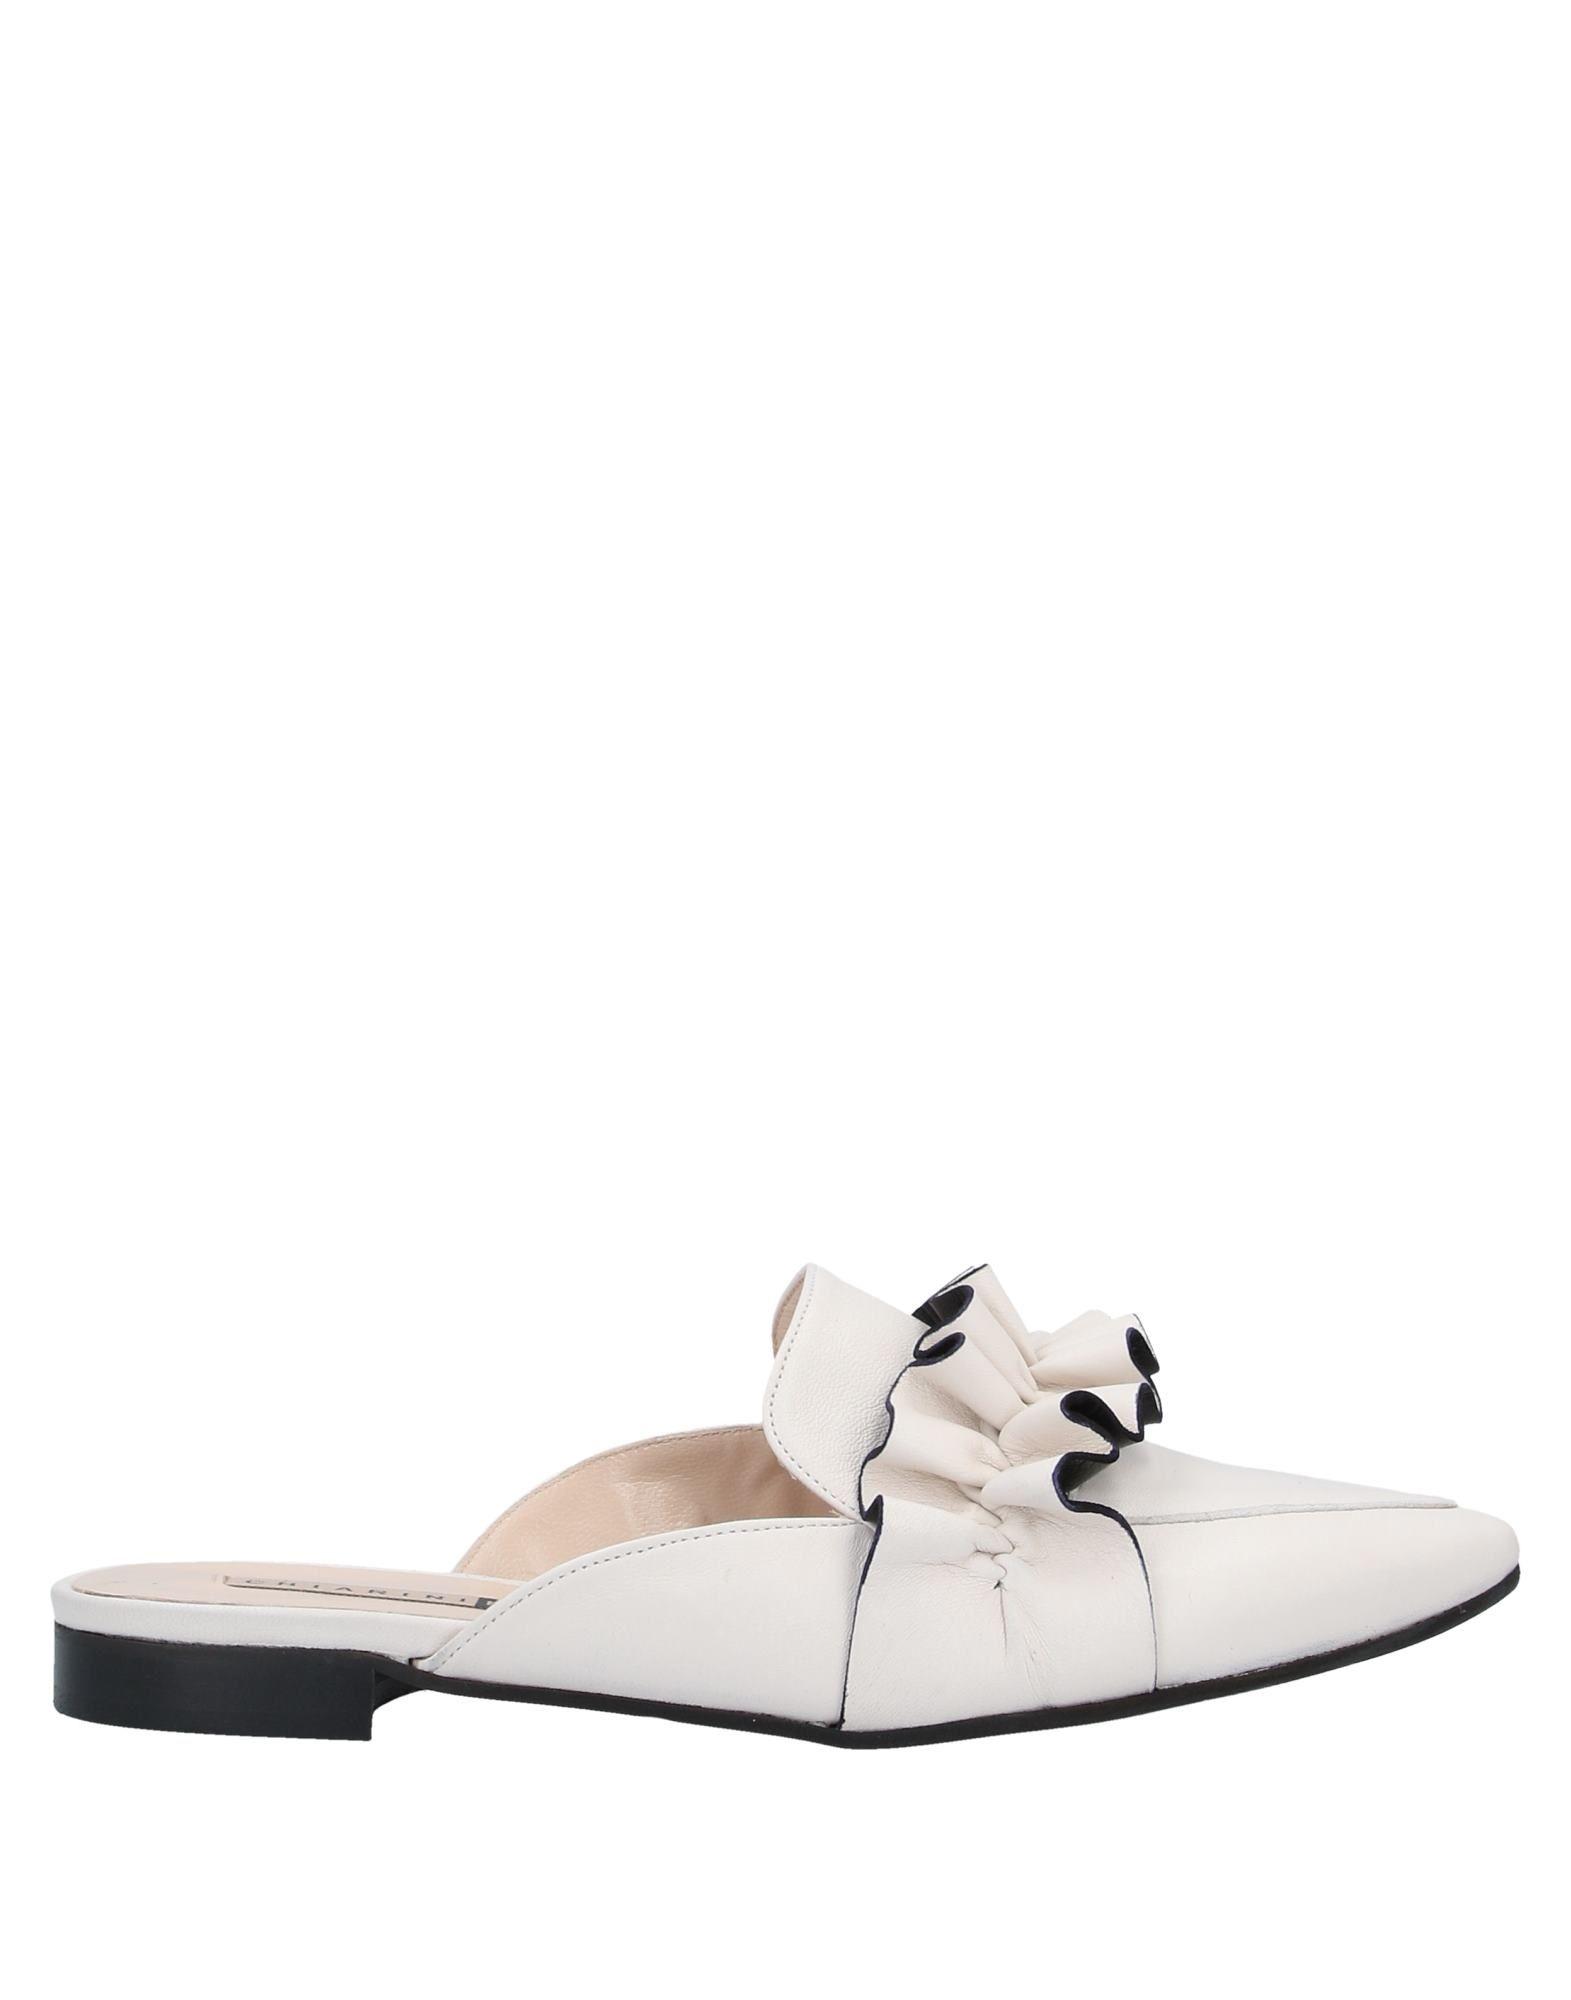 кожаные сандалии купить